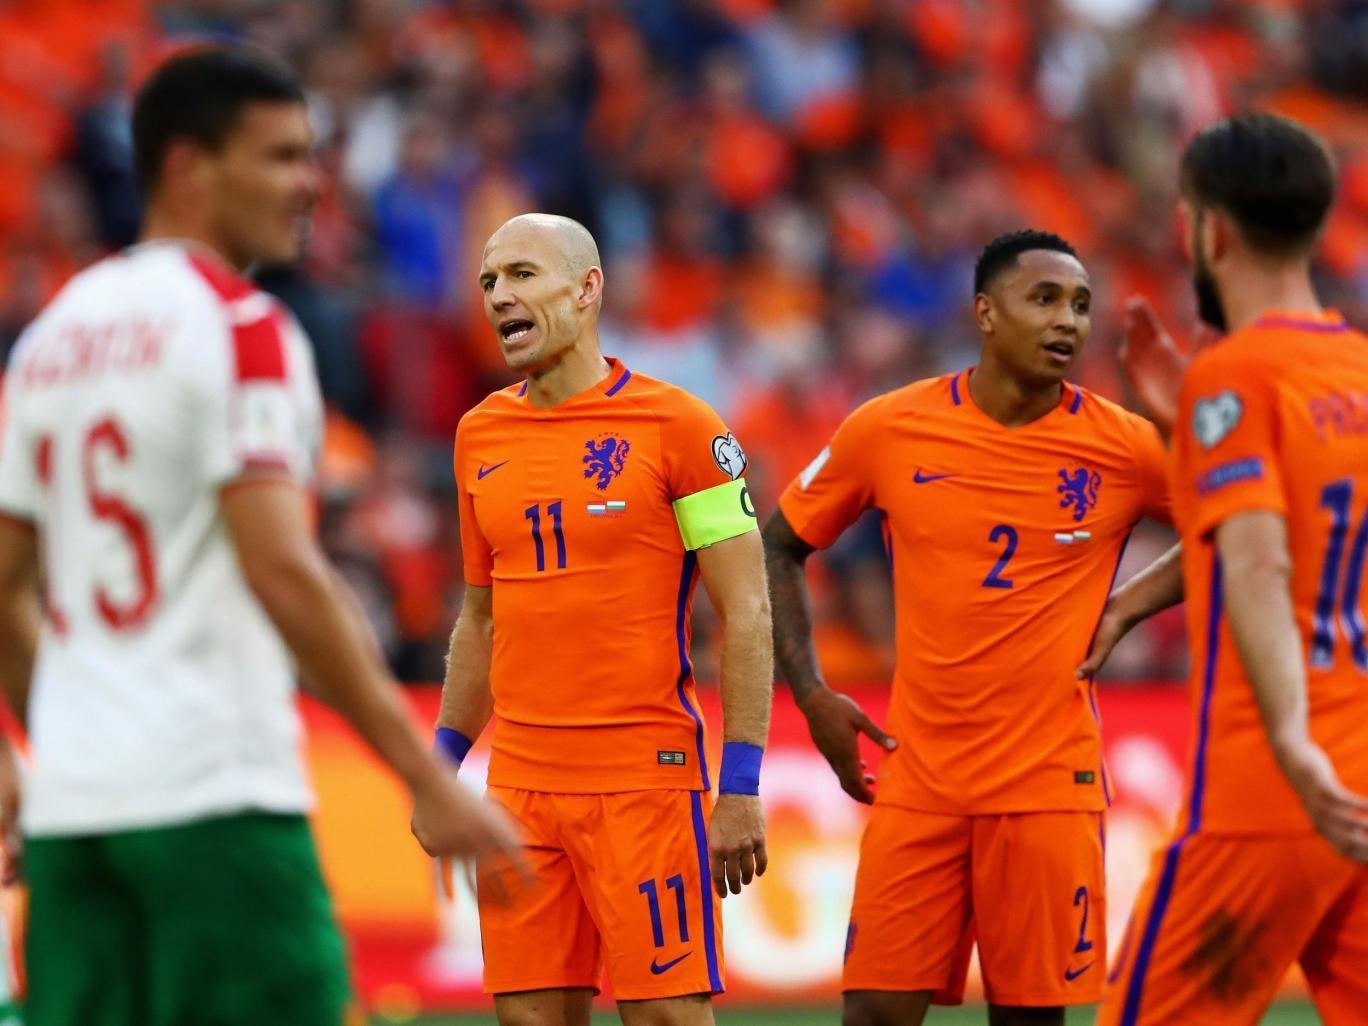 Это конец. Почему умирает голландский футбол - изображение 2